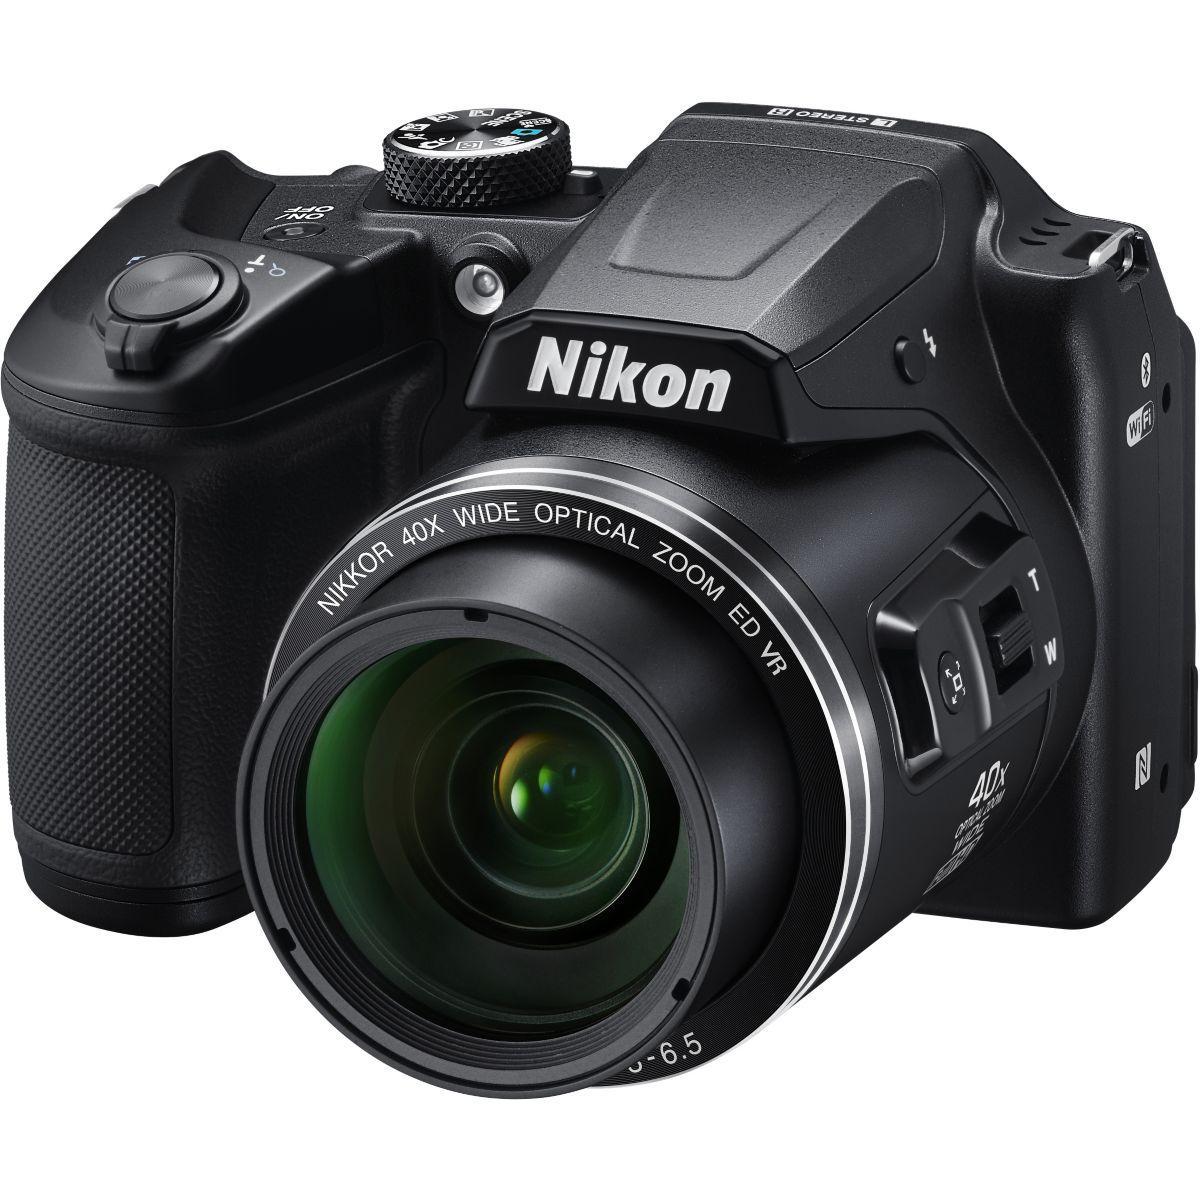 Appareil photo bridge nikon b500 noir - 3% de remise immédiate avec le code : multi3 (photo)